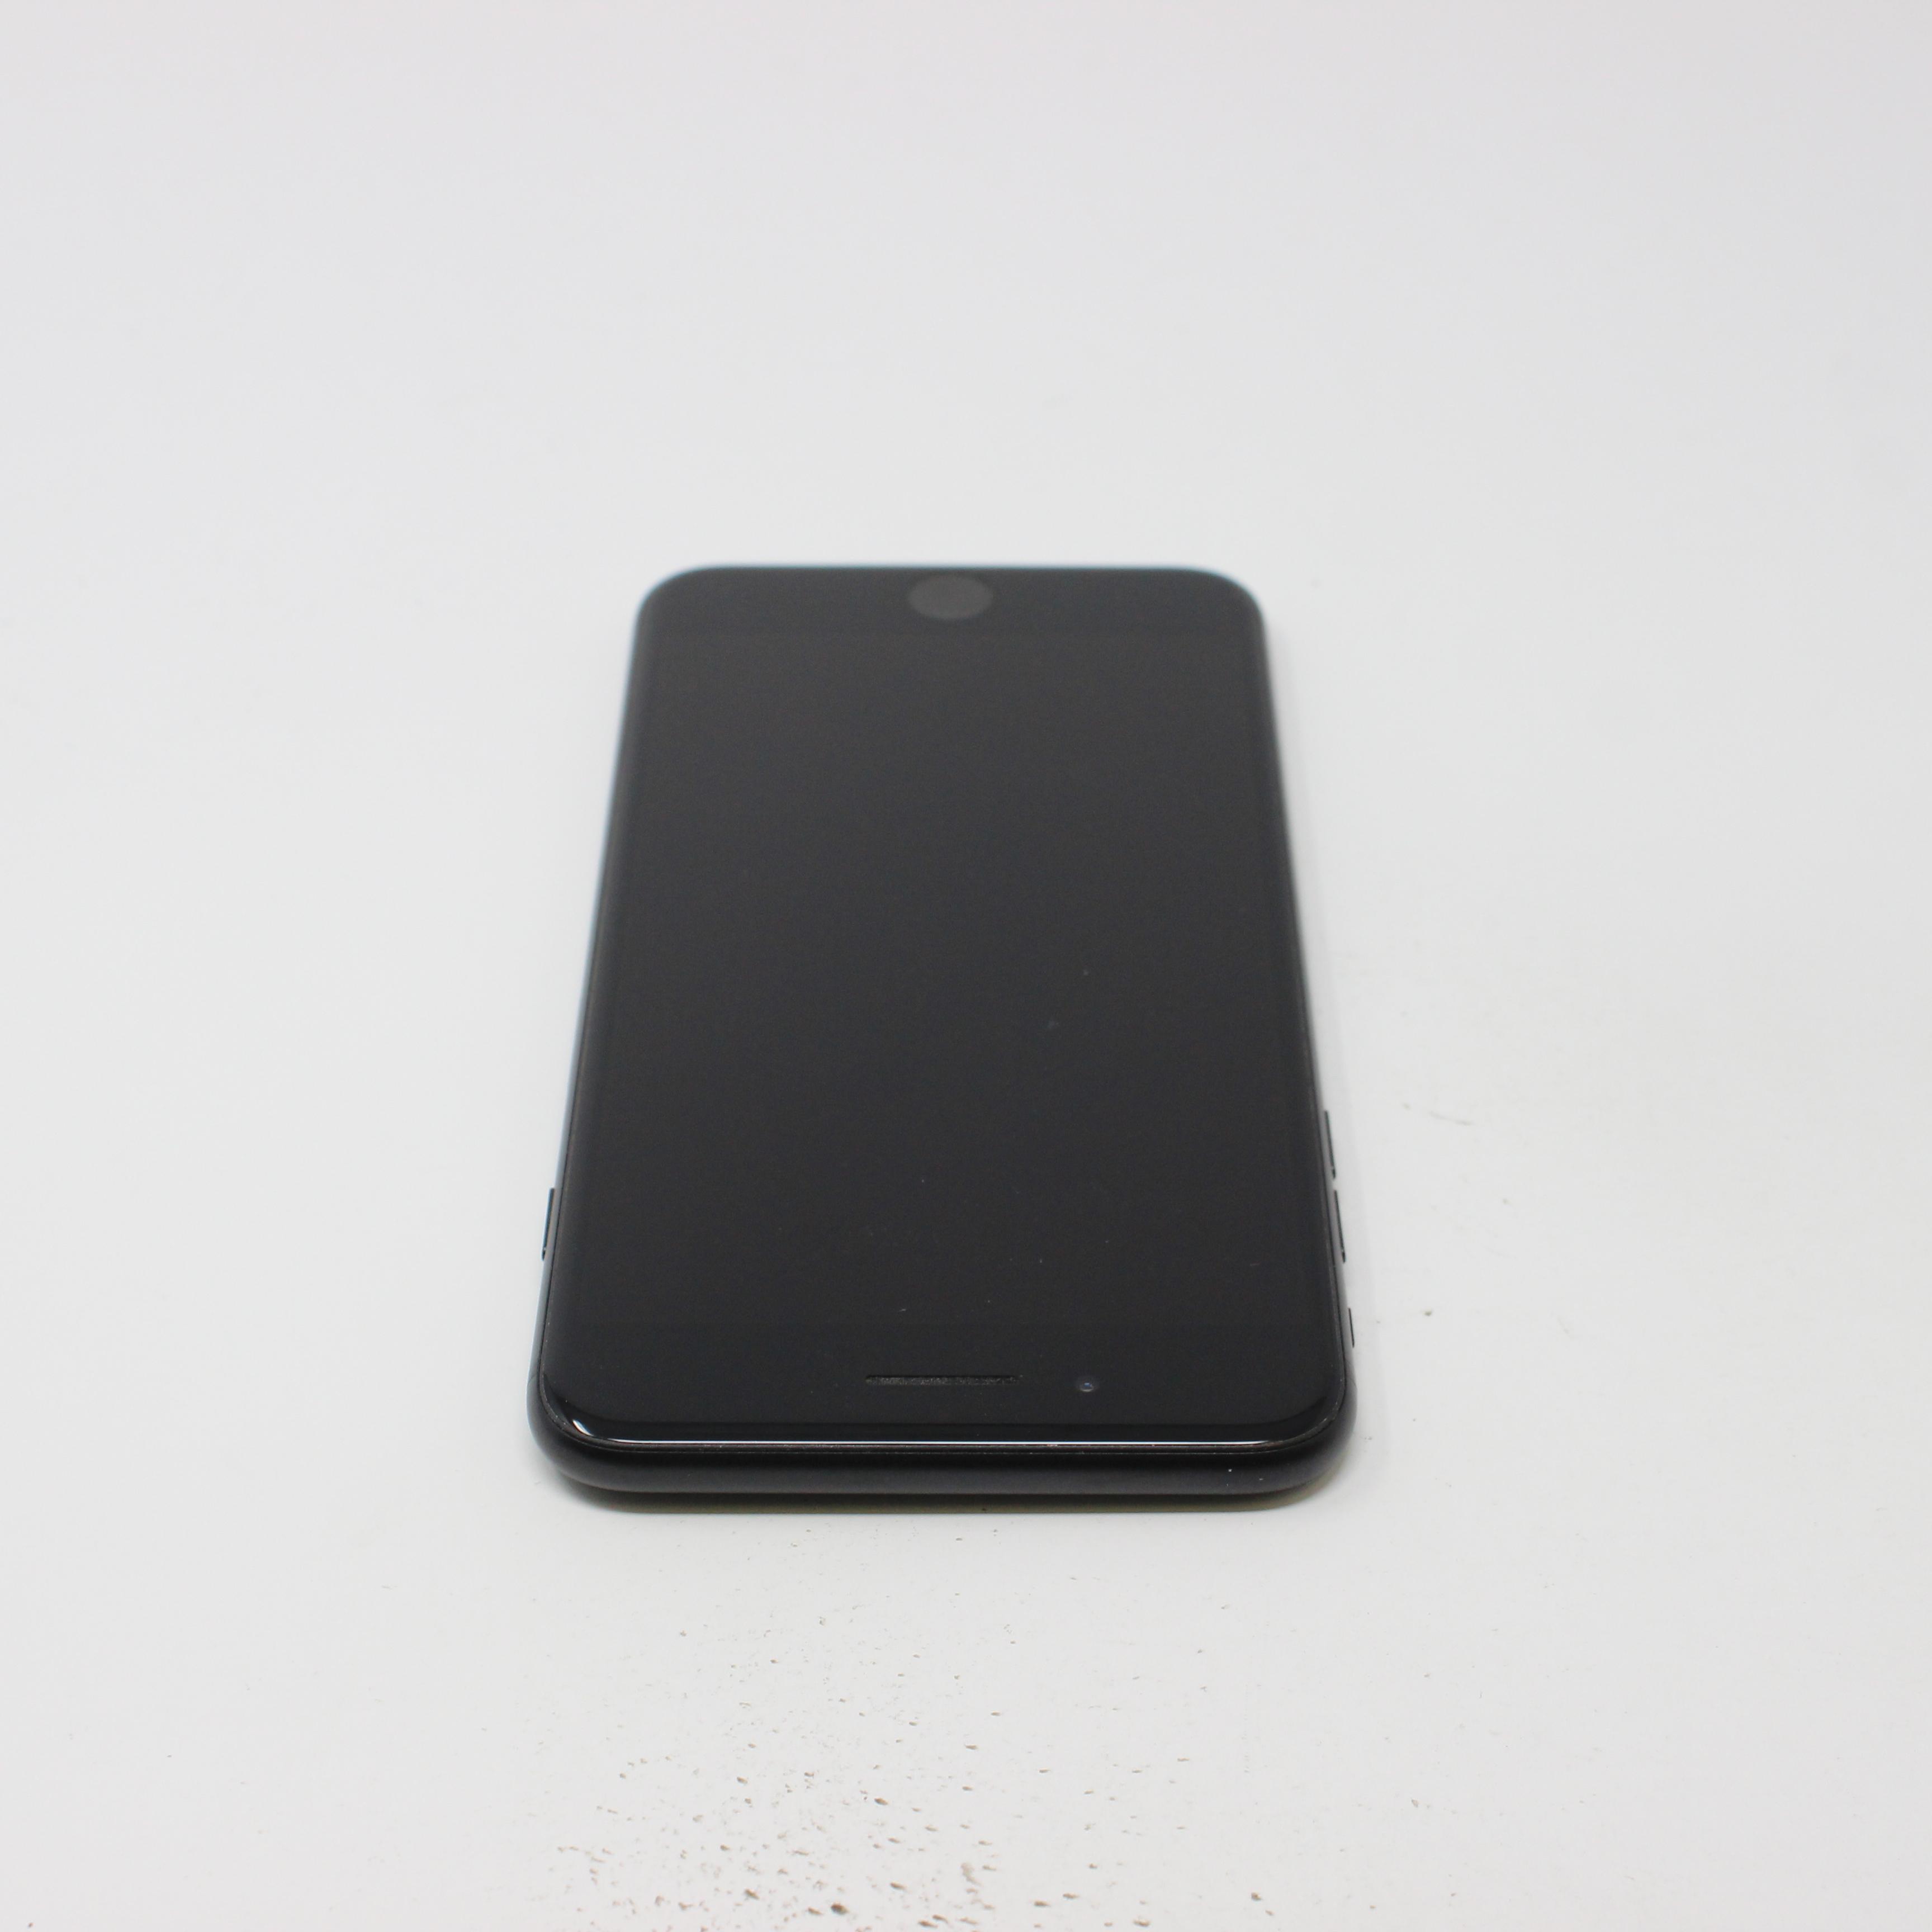 iPhone 7 Plus 128GB Black - Verizon photo 4   UpTradeit.com